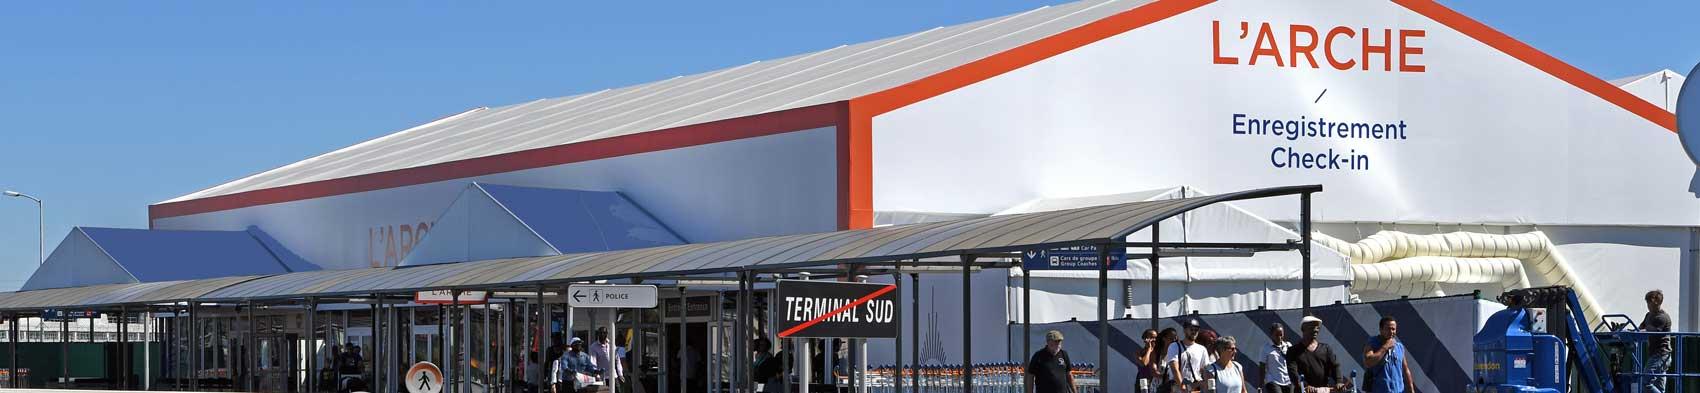 l 39 arche une nouvelle salle d 39 enregistrement paris orly terminal sud. Black Bedroom Furniture Sets. Home Design Ideas